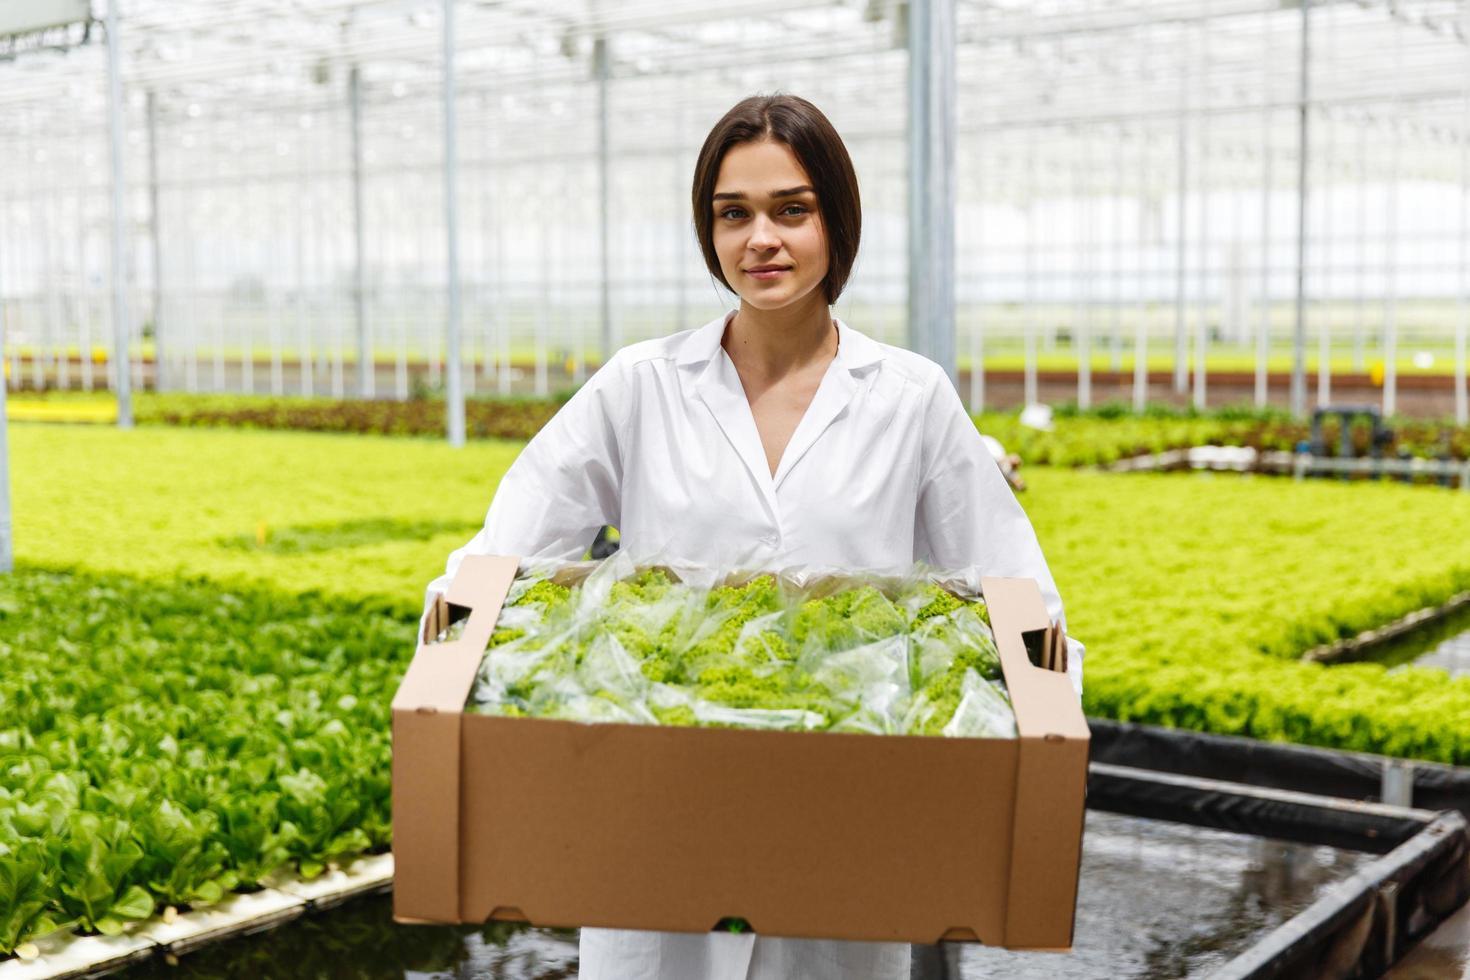 Frau hält eine Schachtel Salat foto